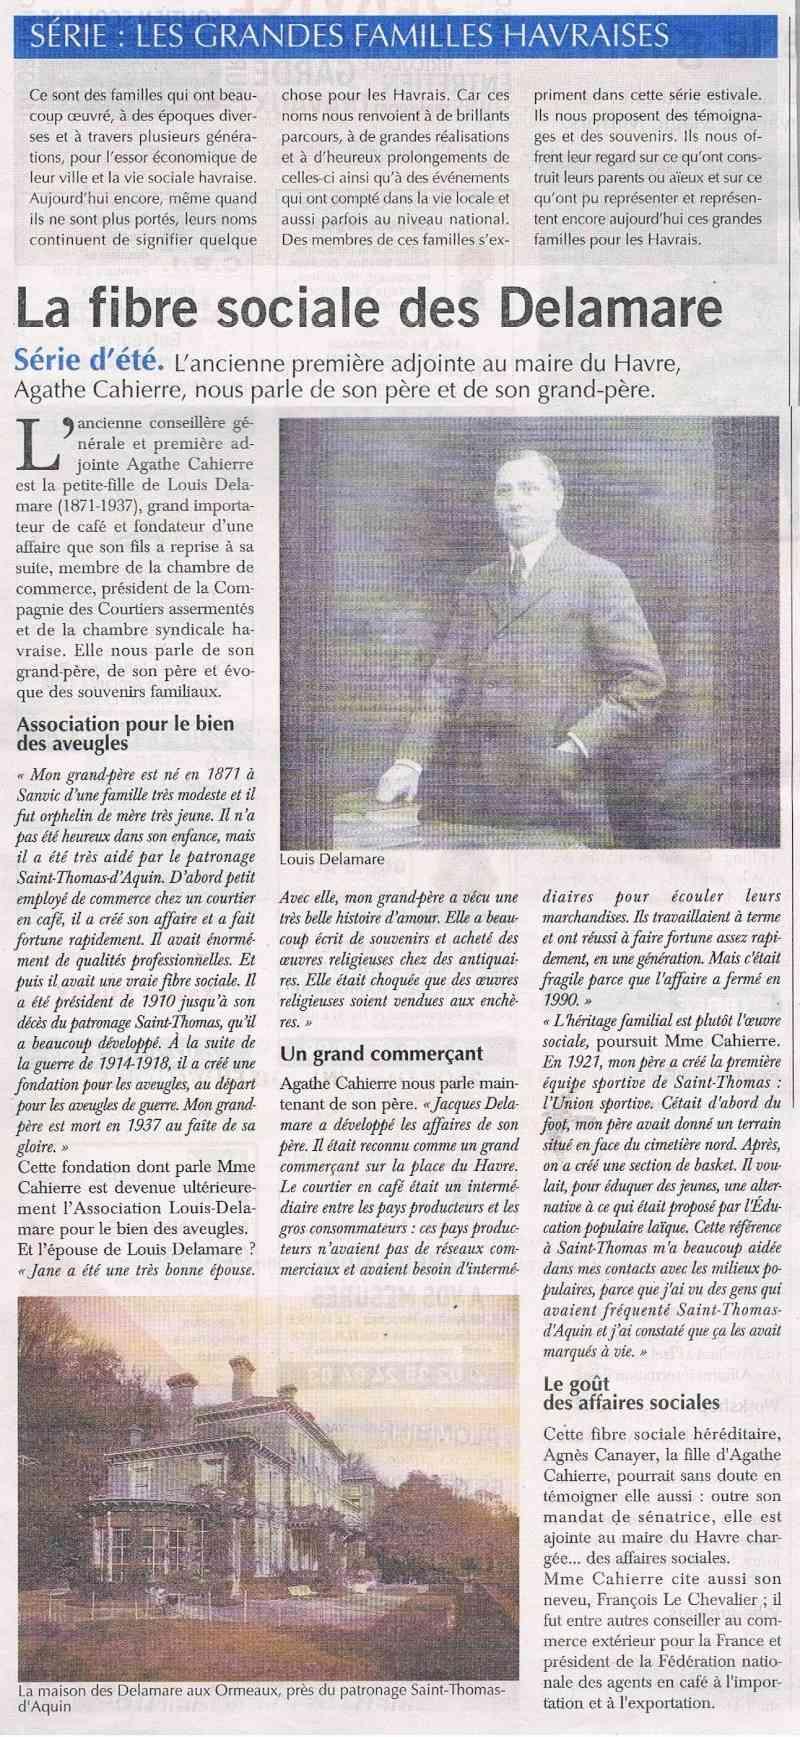 delamare - Les grandes familles Havraises 2015-027